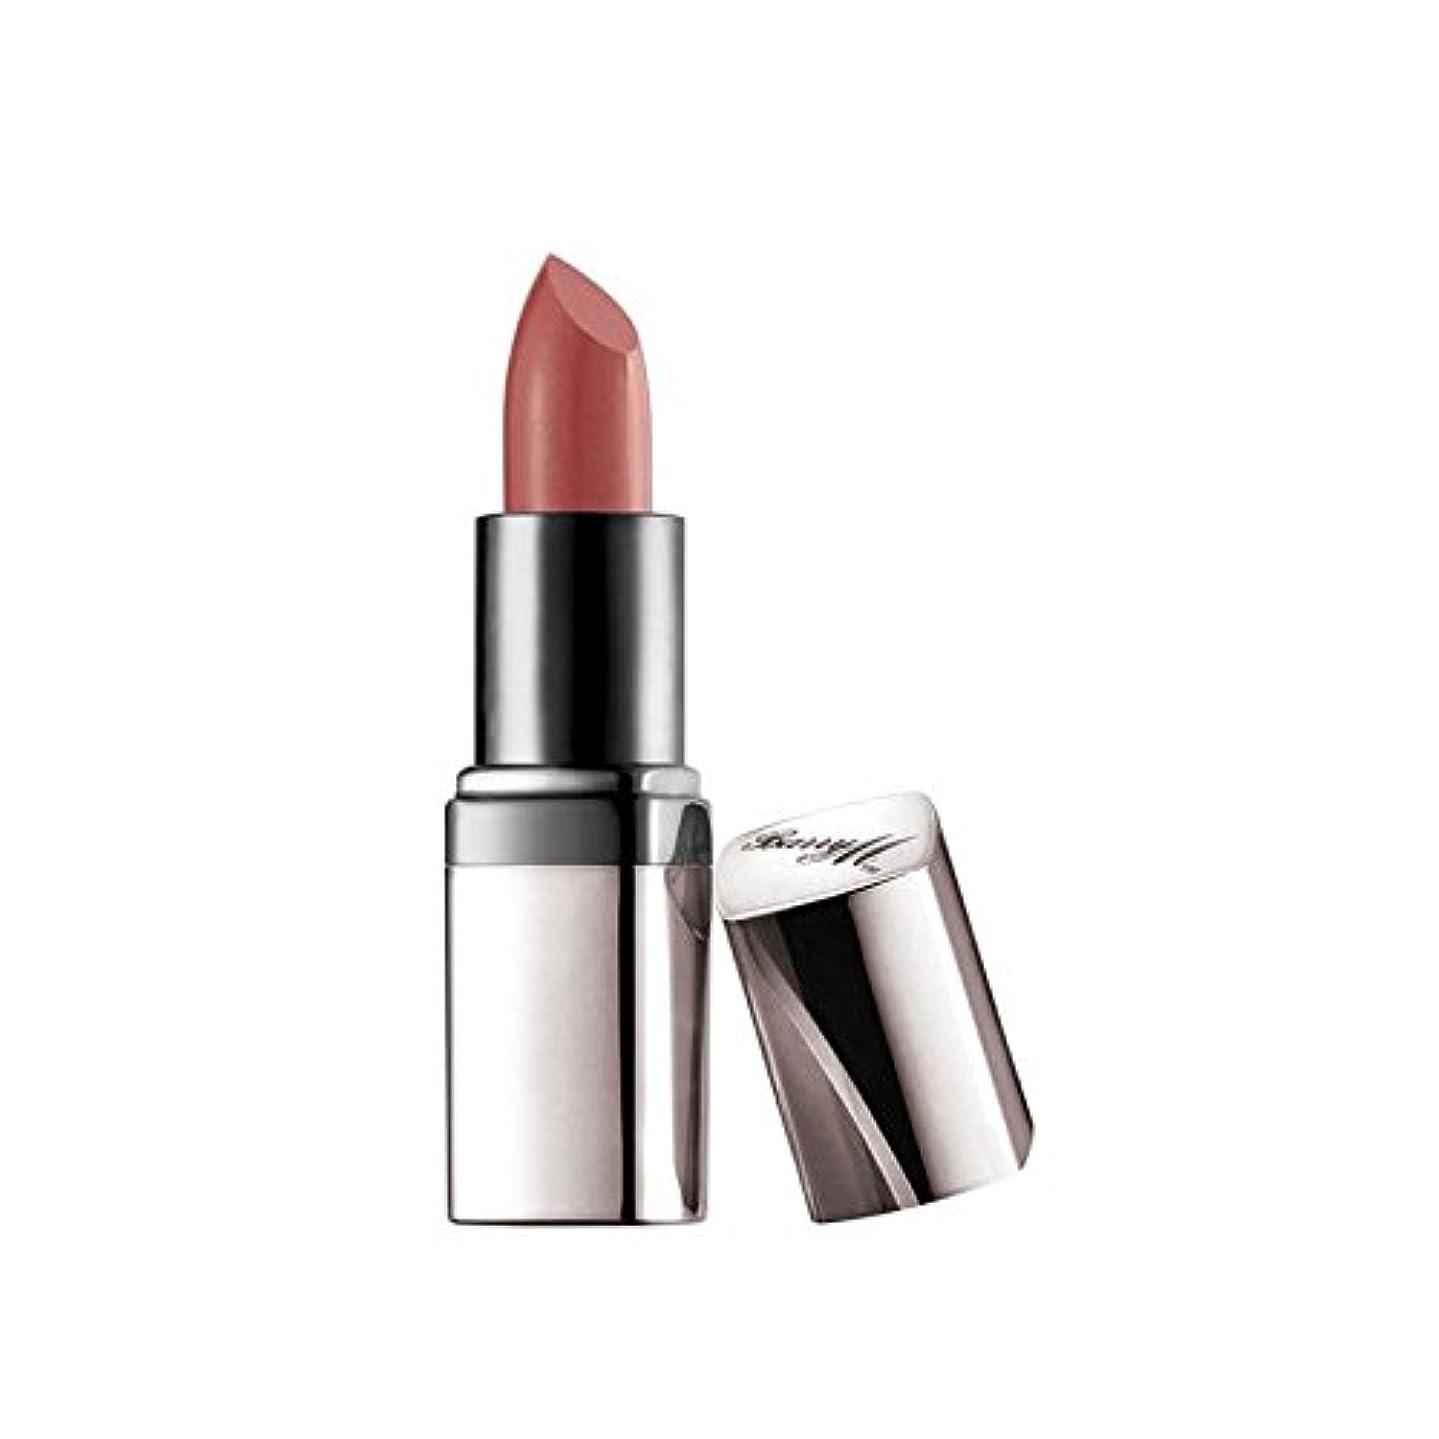 のぞき見キャッチエレベーターバリーメートルサテン超滑らかなリップペイント - x2 - Barry M Satin Super Slick Lip Paint - Nuditude (Pack of 2) [並行輸入品]